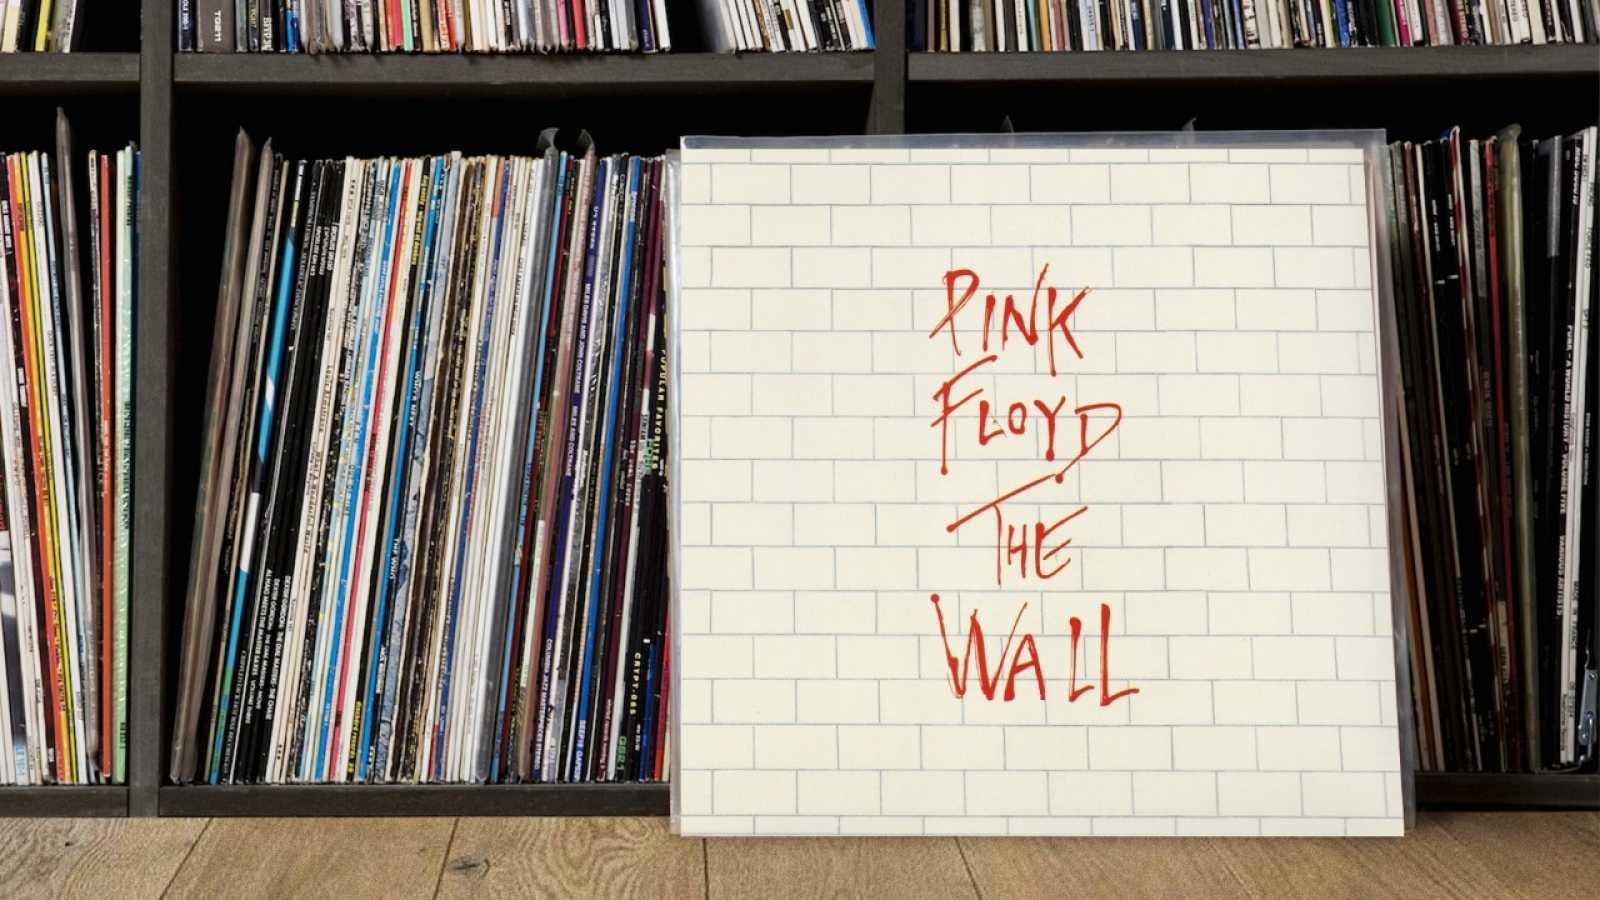 Doce pulgadas - Pink Floyd: Más Allá del Muro - 15/08/20 - escuchar ahora